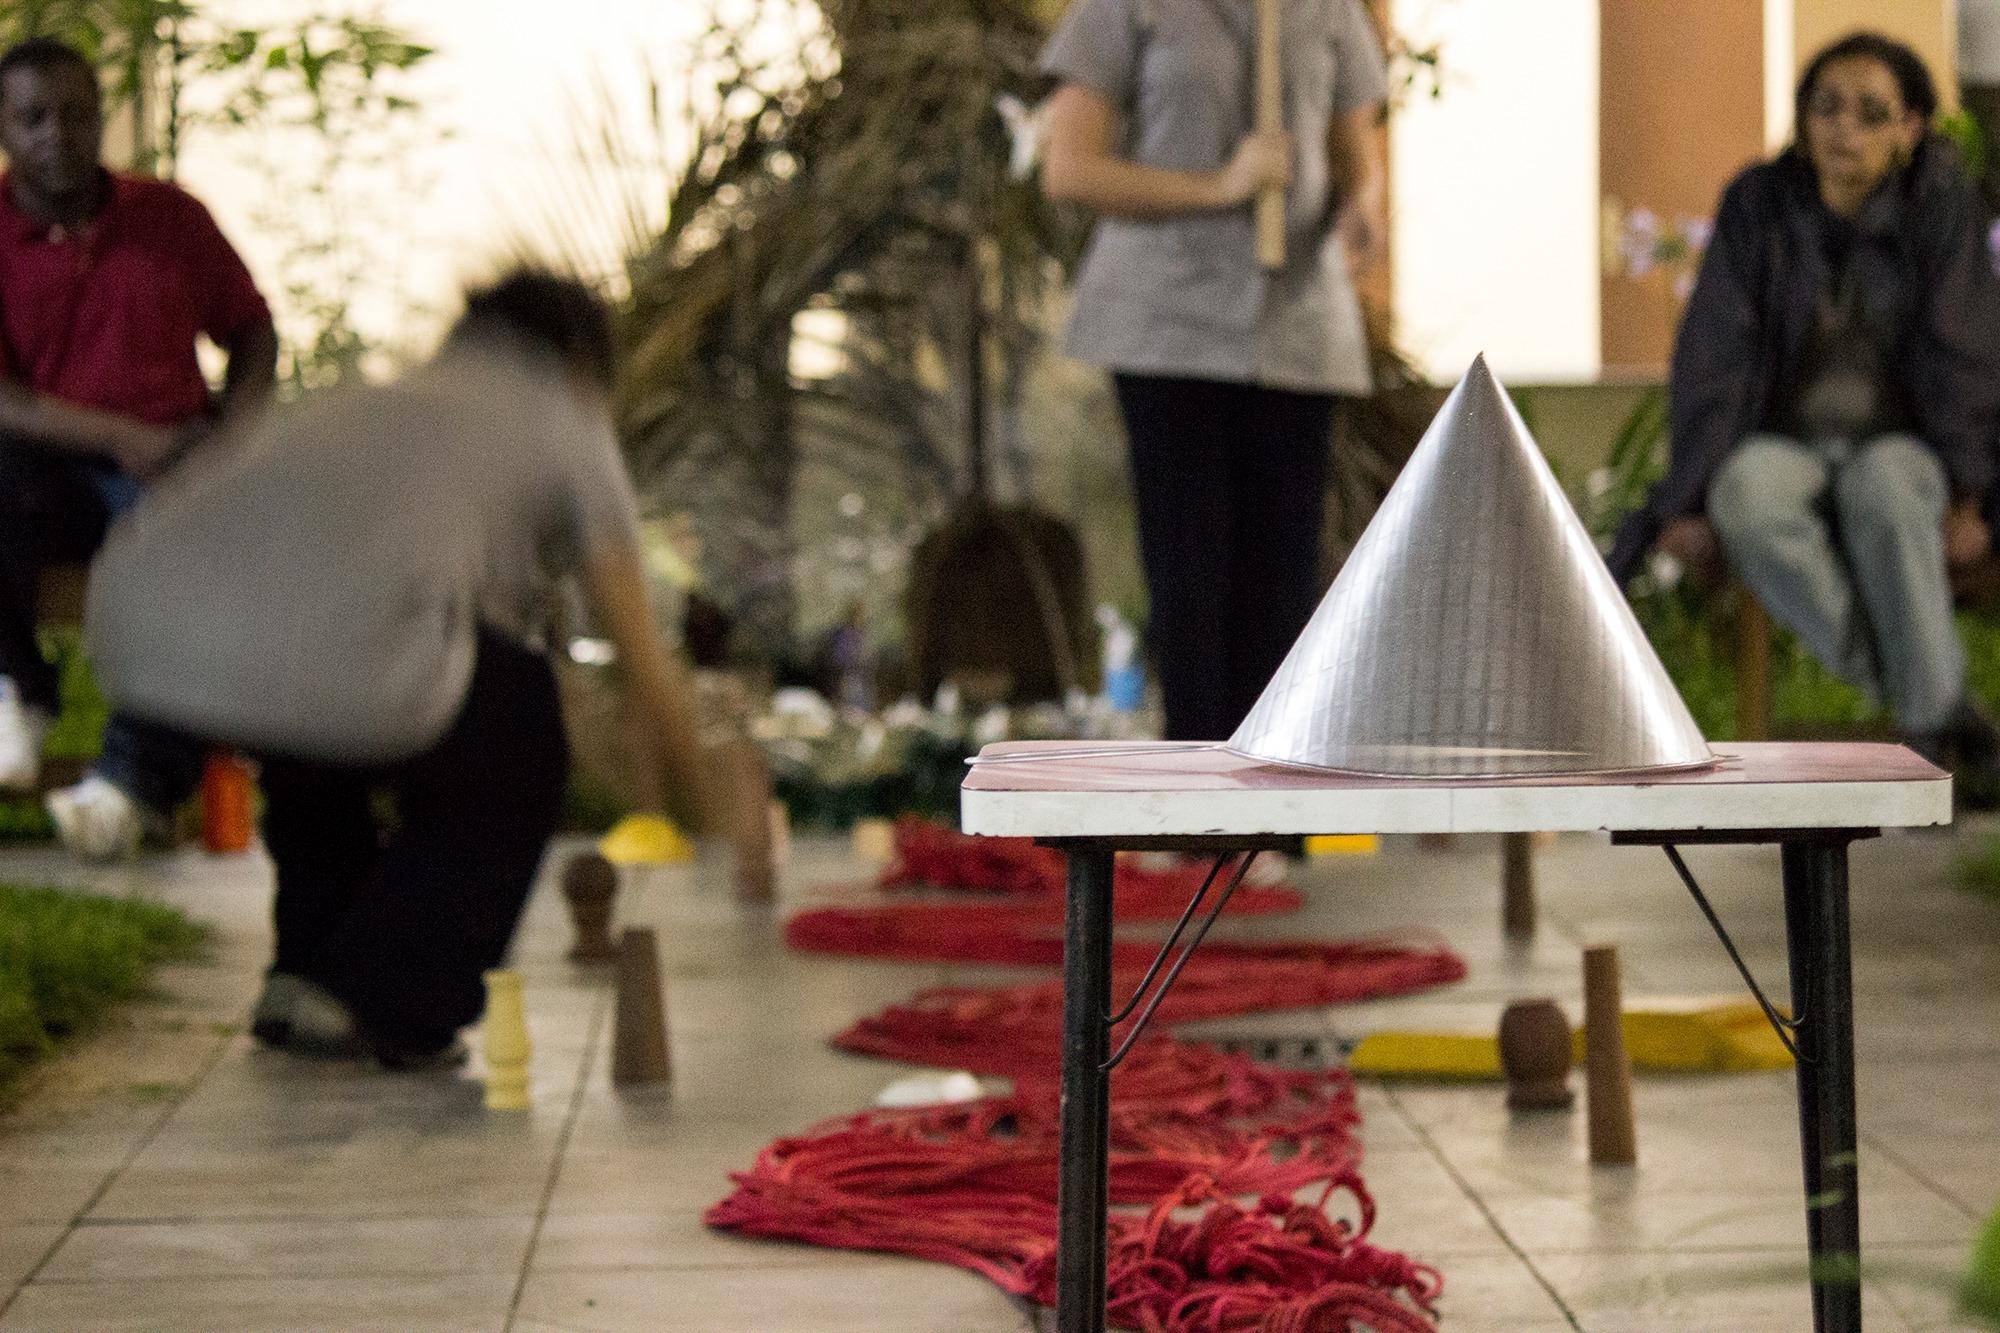 Os empreendimentos são representados na peça como grandes castelos de poder